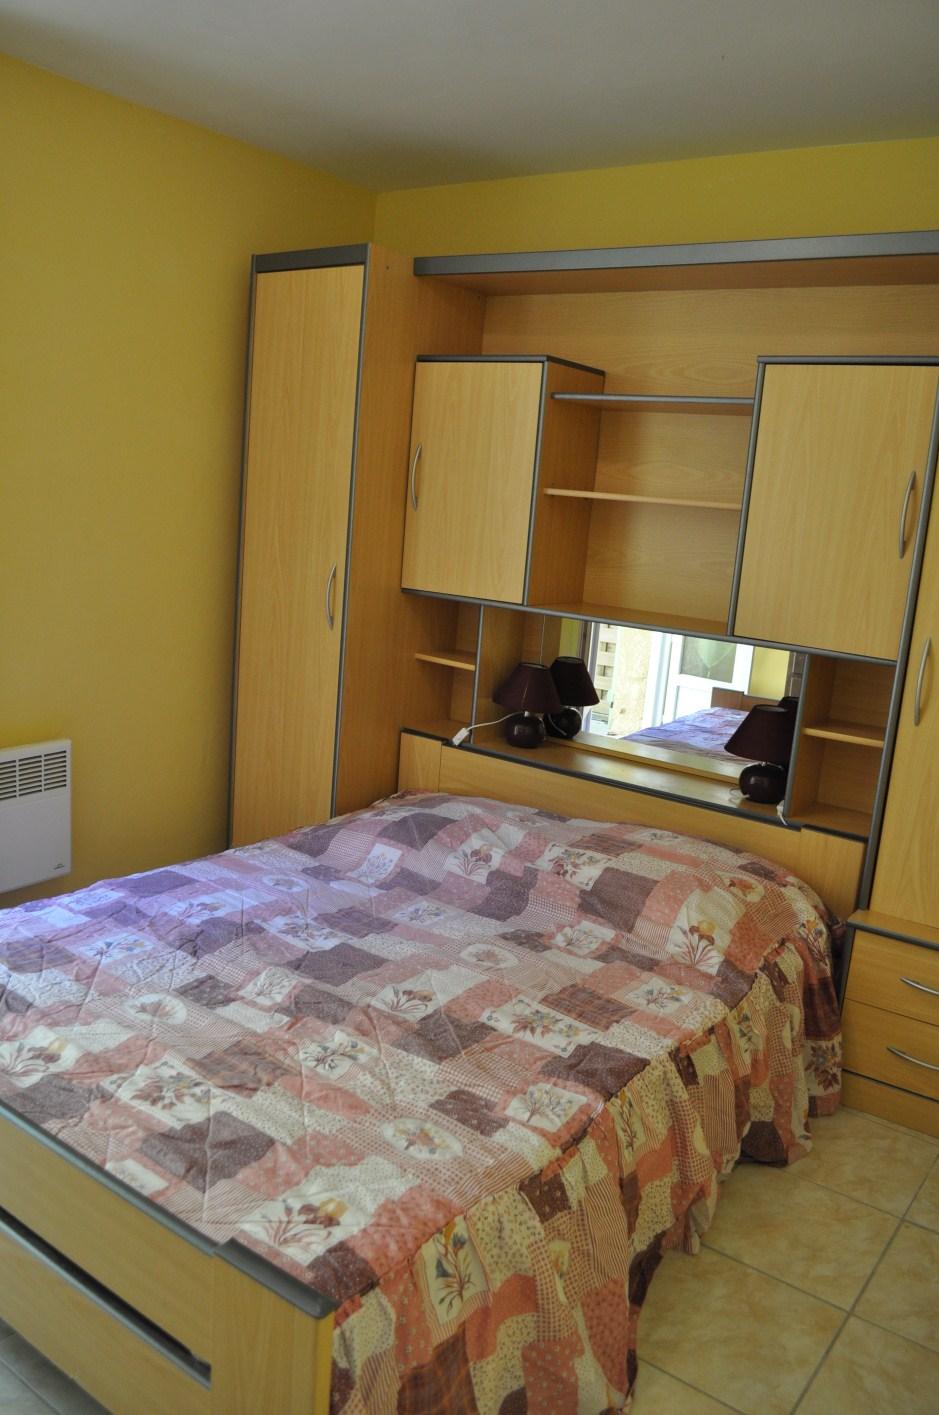 Loue appartement f2 meubl pour tudiant avec internet par - Logement etudiant strasbourg meuble ...